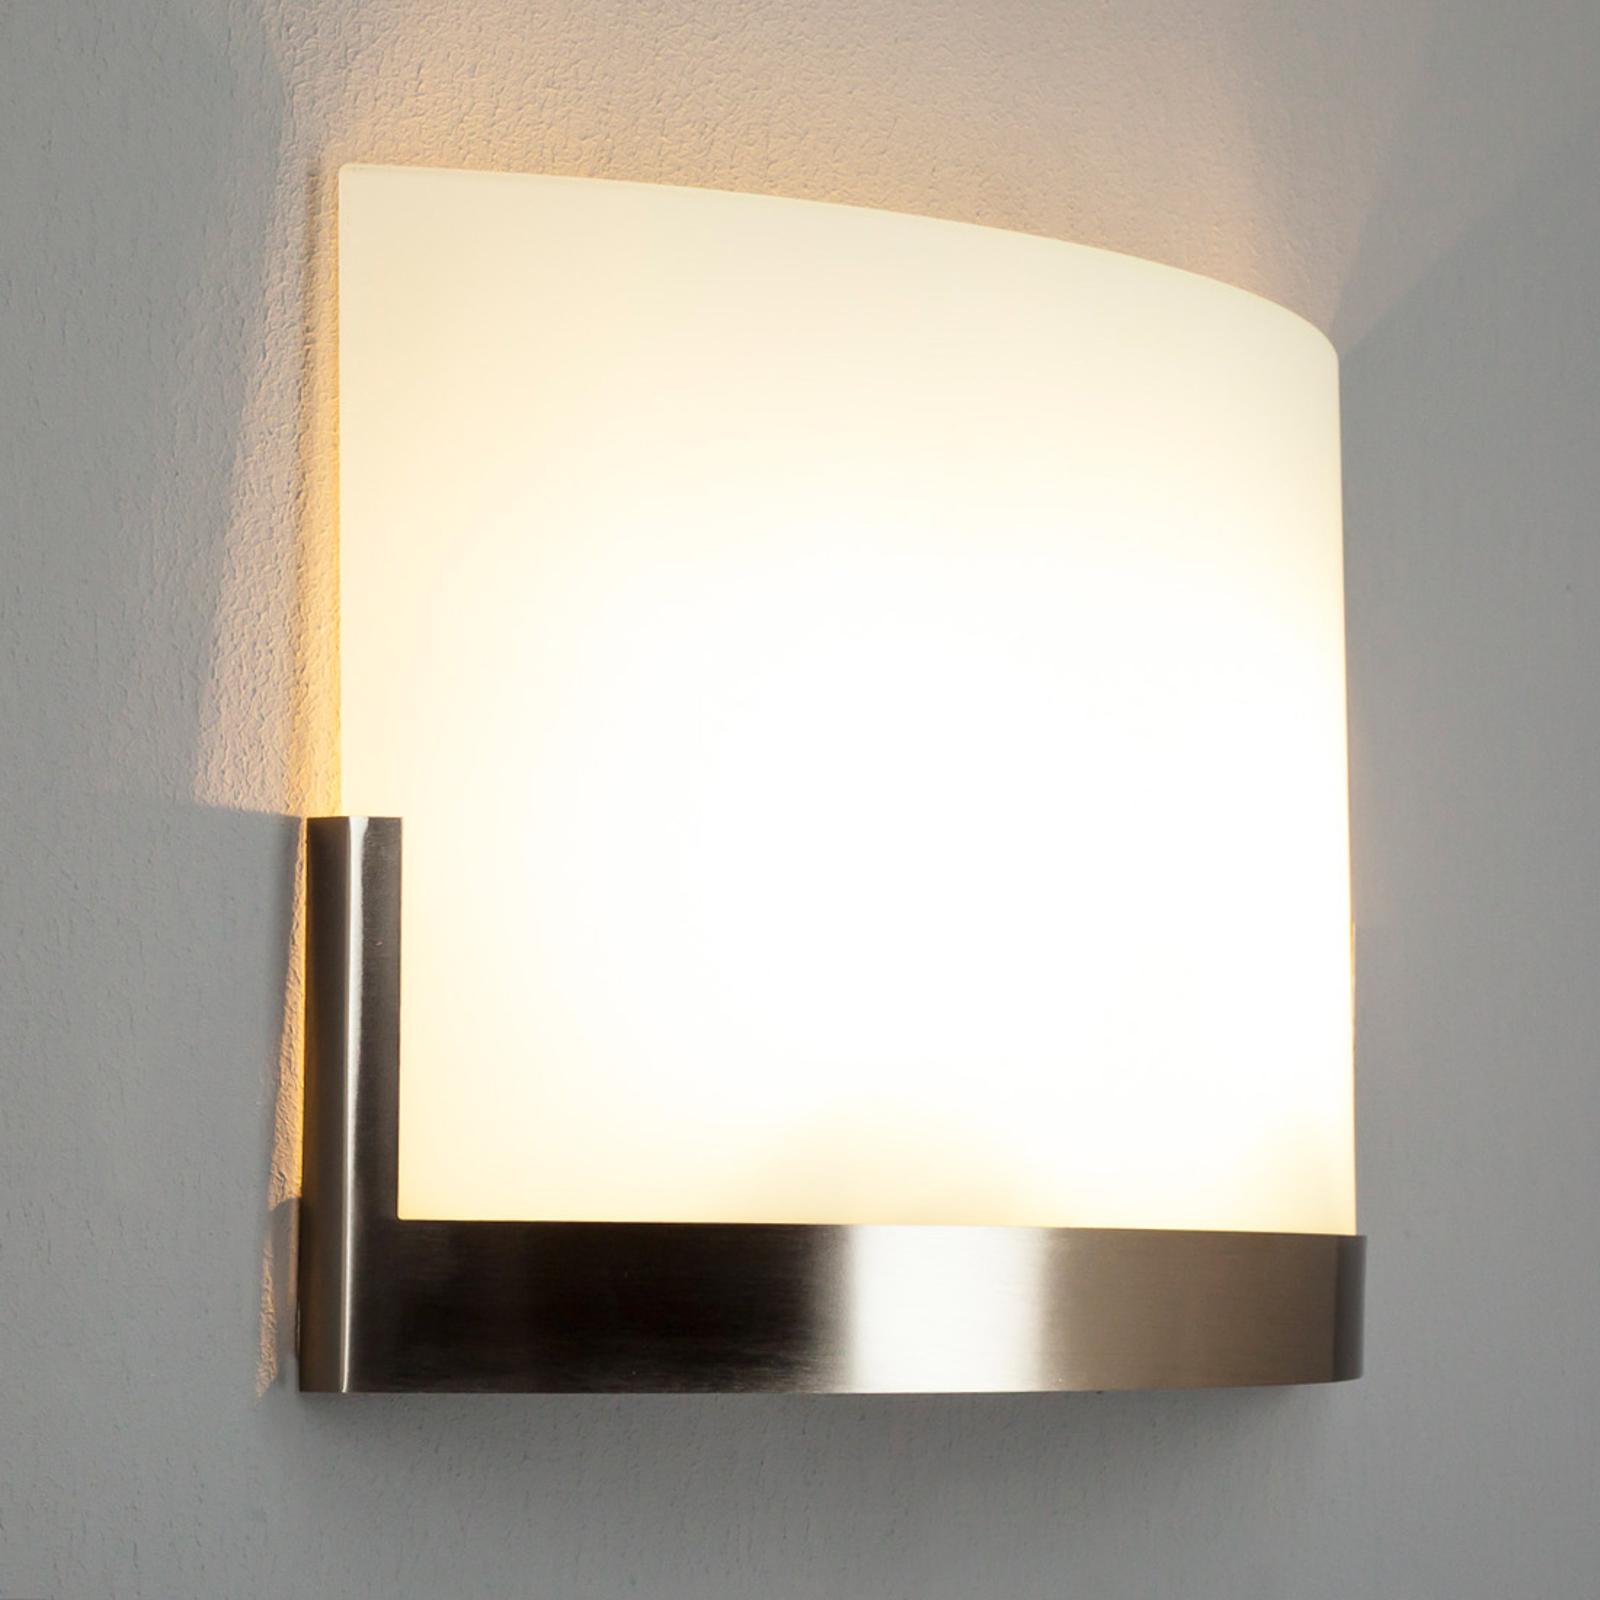 Nástěnné světlo Karla s kovovým prvkem šířka 35 cm